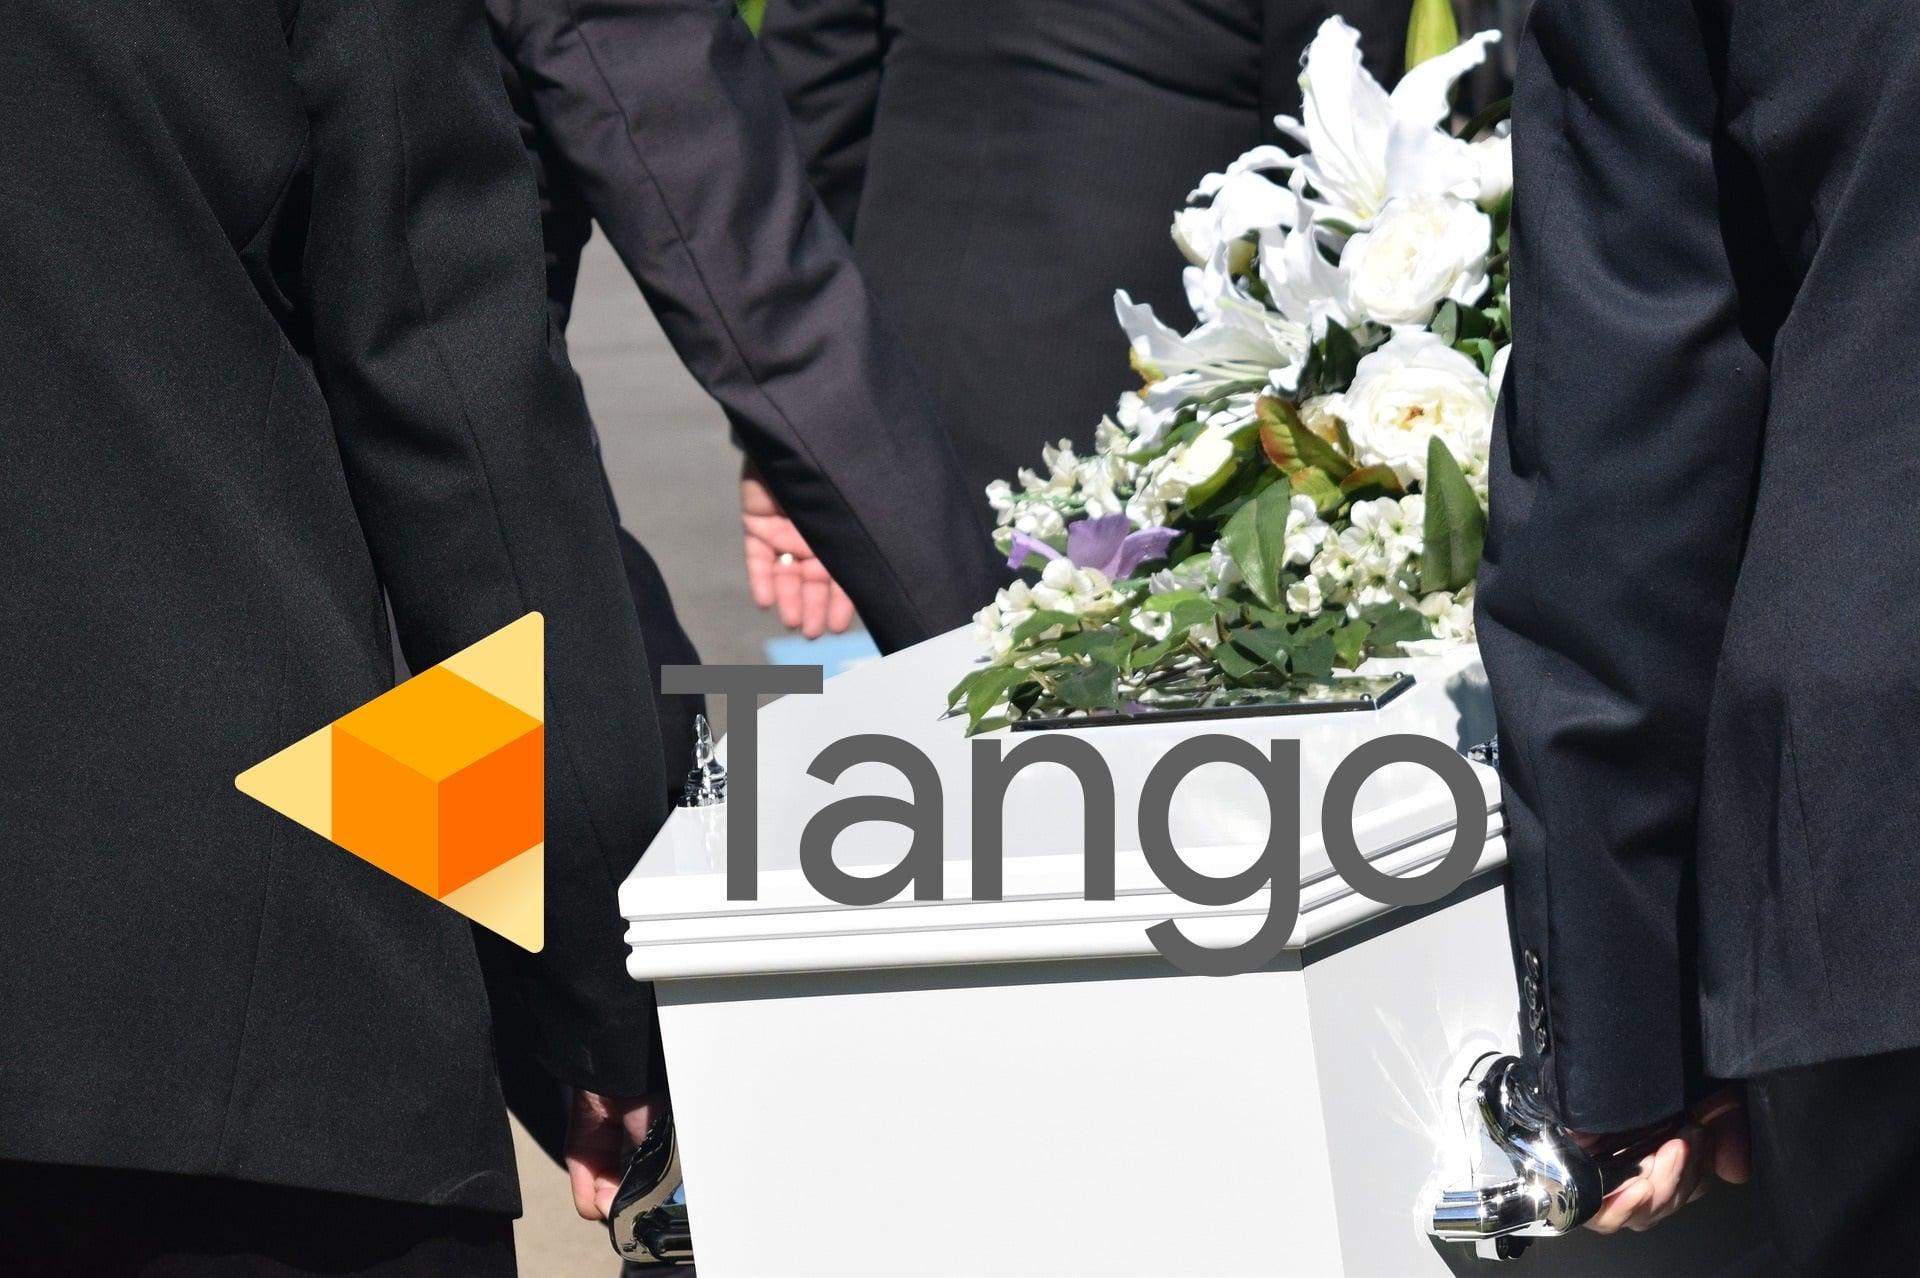 To oficjalny koniec Project Tango. Google zamyka projekt, by skupić się na ARCore 18